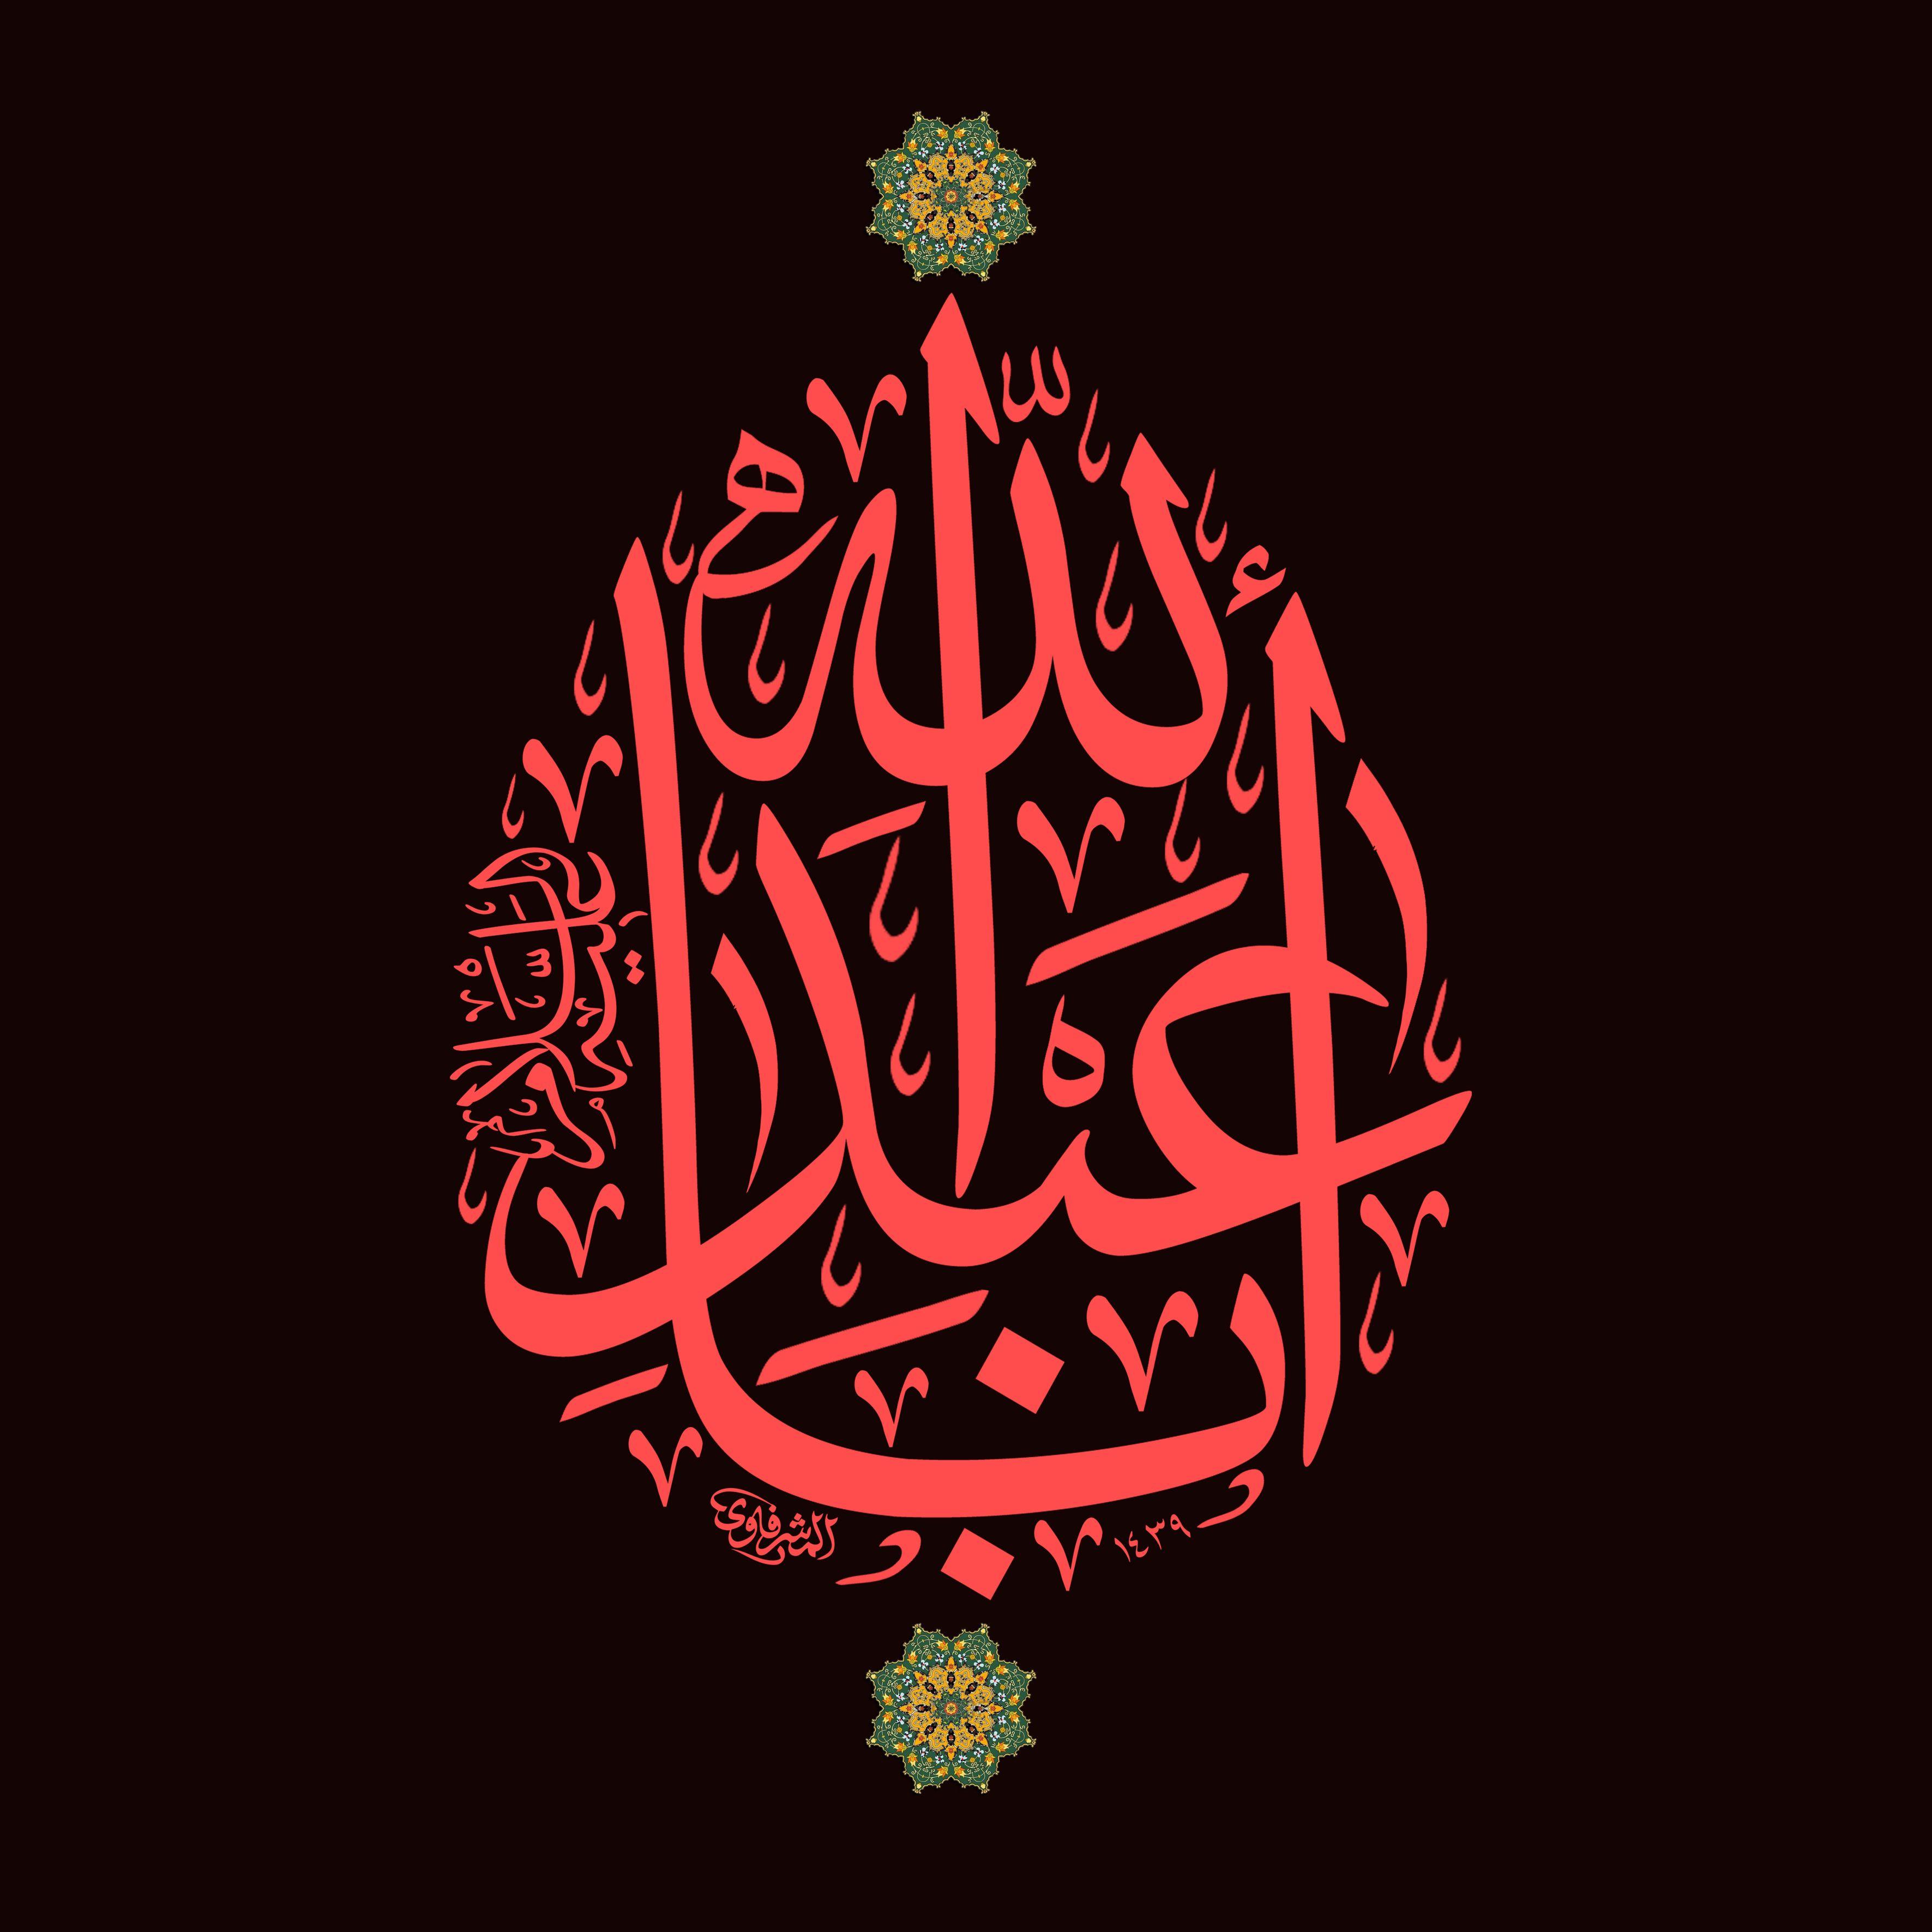 أبا عبد الله الحسين بن علي عليهما السلام الخطاط محمد الحسني المشرفاوي 1439 محرم الحرام Islamic Art Calligraphy Islamic Calligraphy Islamic Art